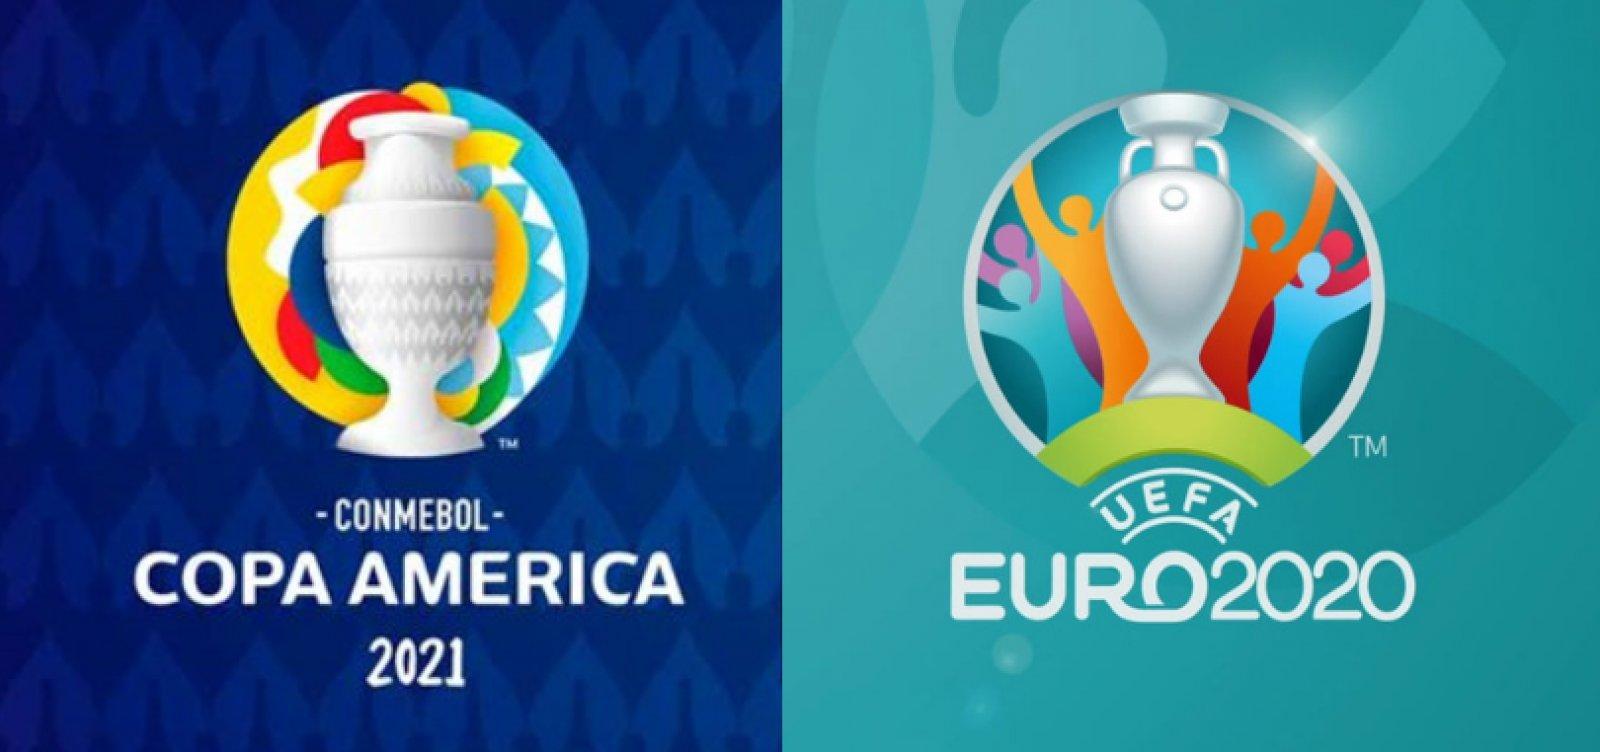 Em disputa de audiência e direito de transmissão, Globo e SBT fazem embate 'Eurocopa x Copa América'